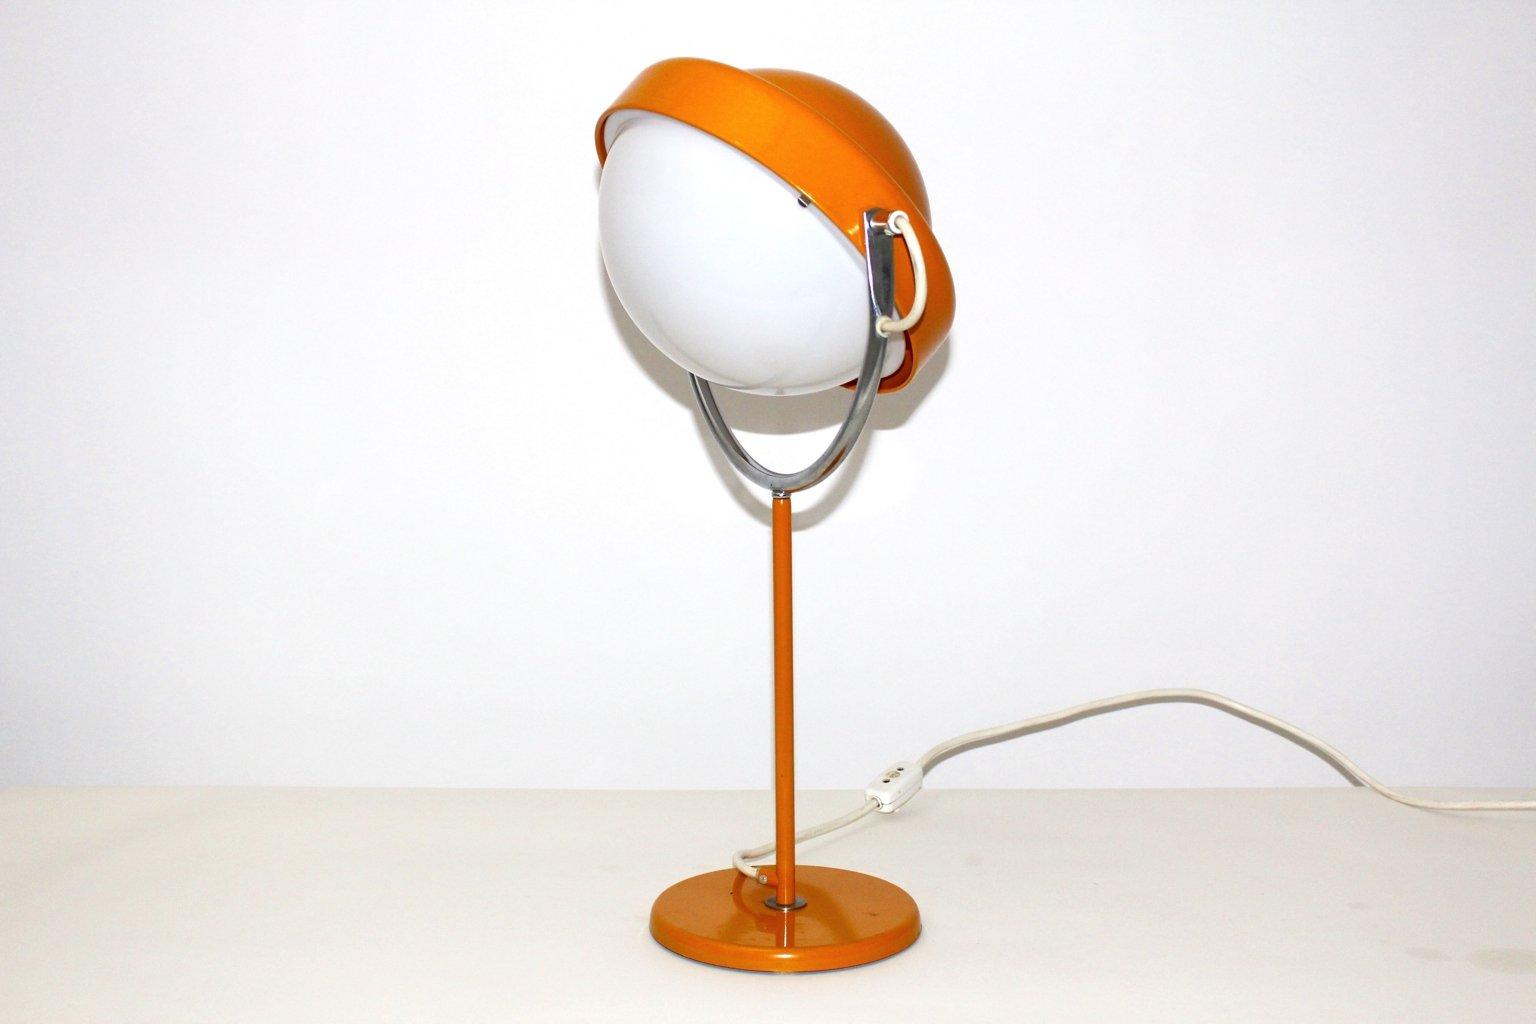 lampe de bureau vintage orange par uno dahlen pour aneta 1960s en vente sur pamono. Black Bedroom Furniture Sets. Home Design Ideas